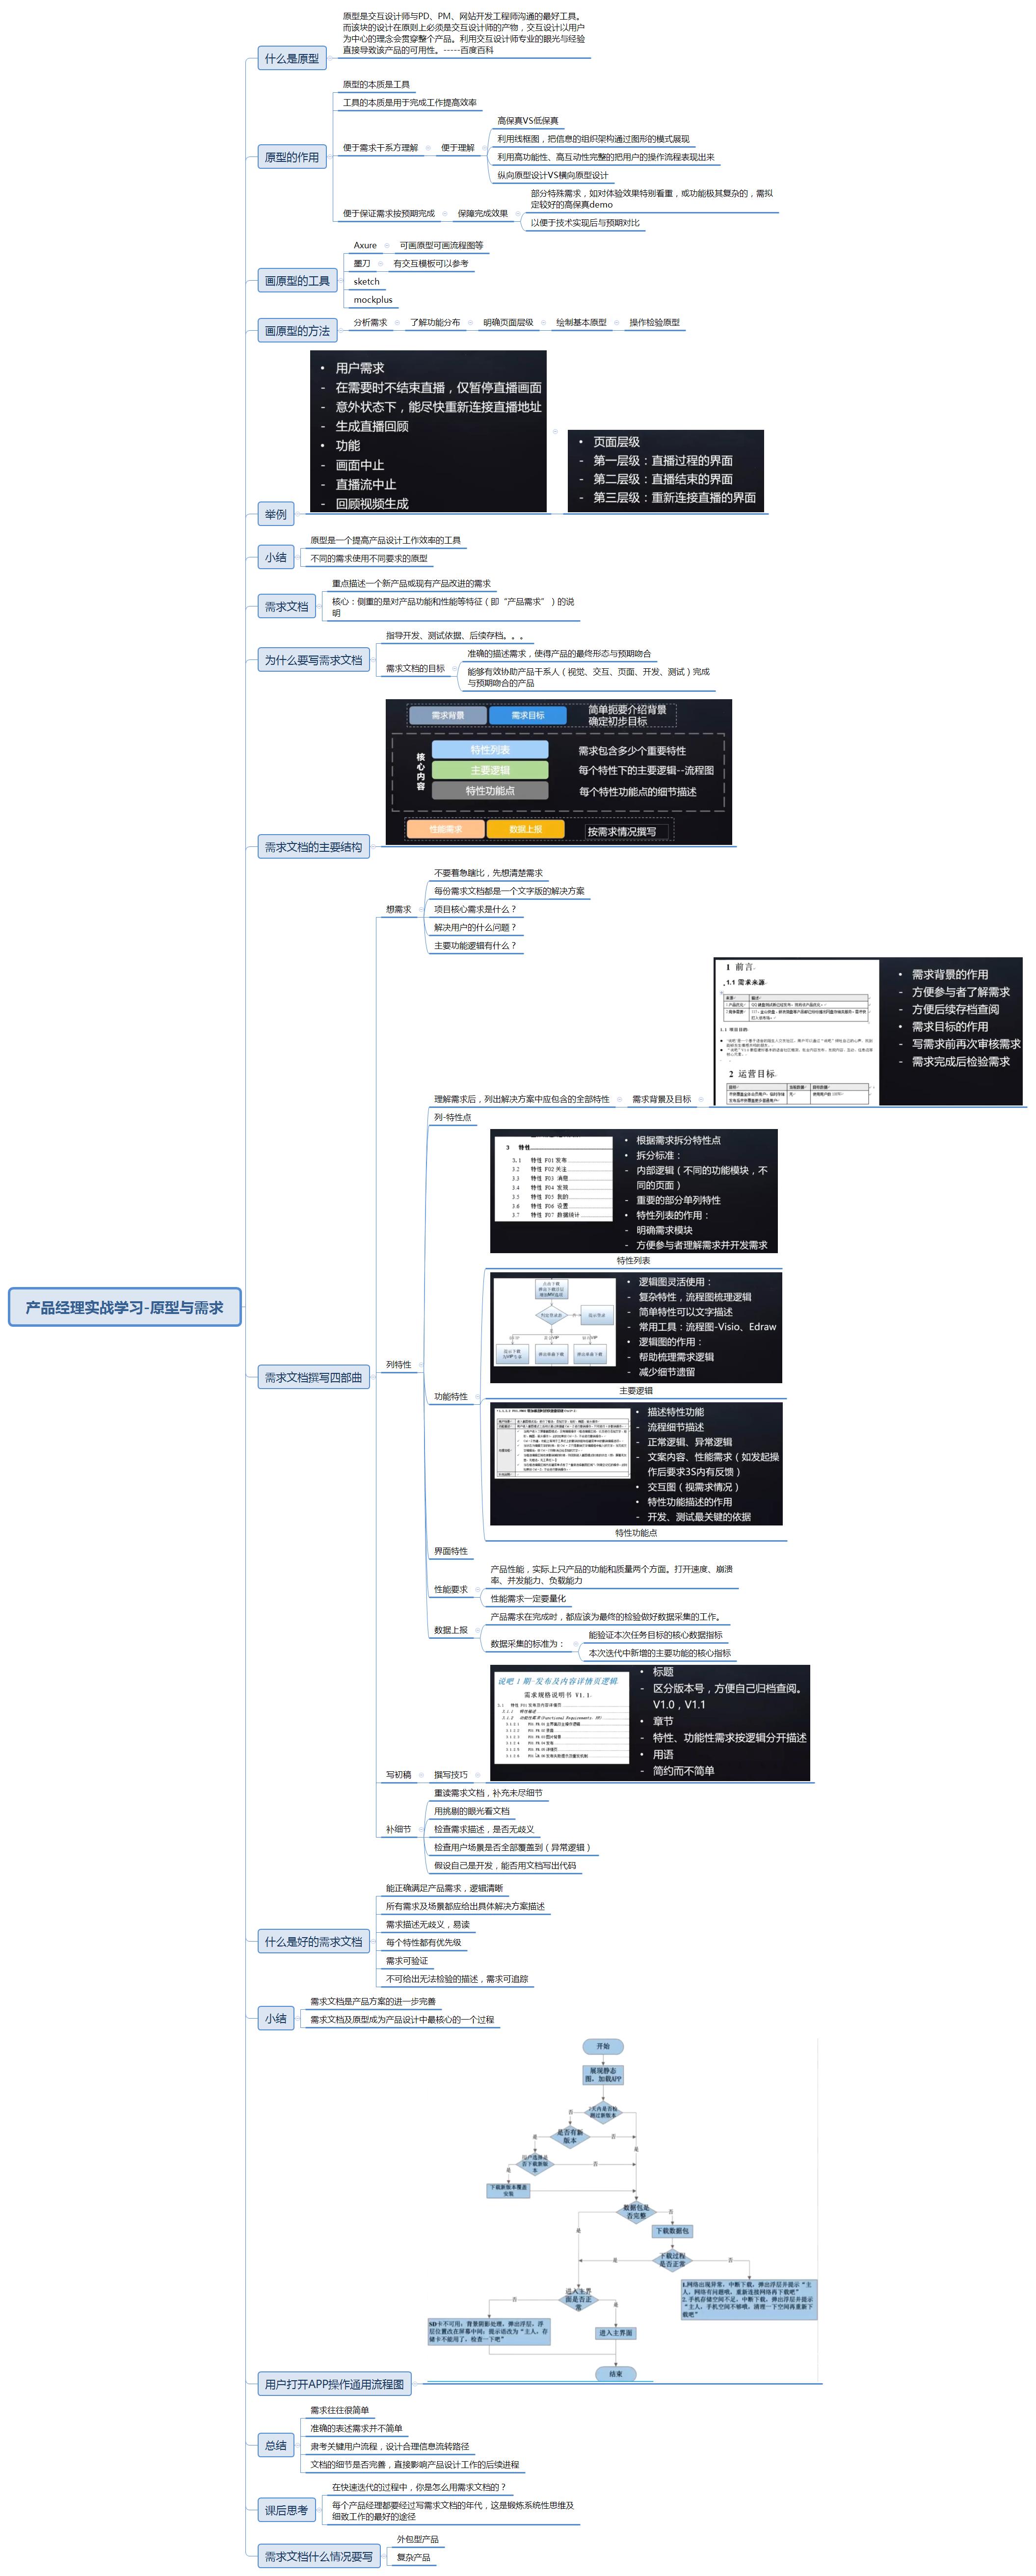 学习笔记-原型与需求